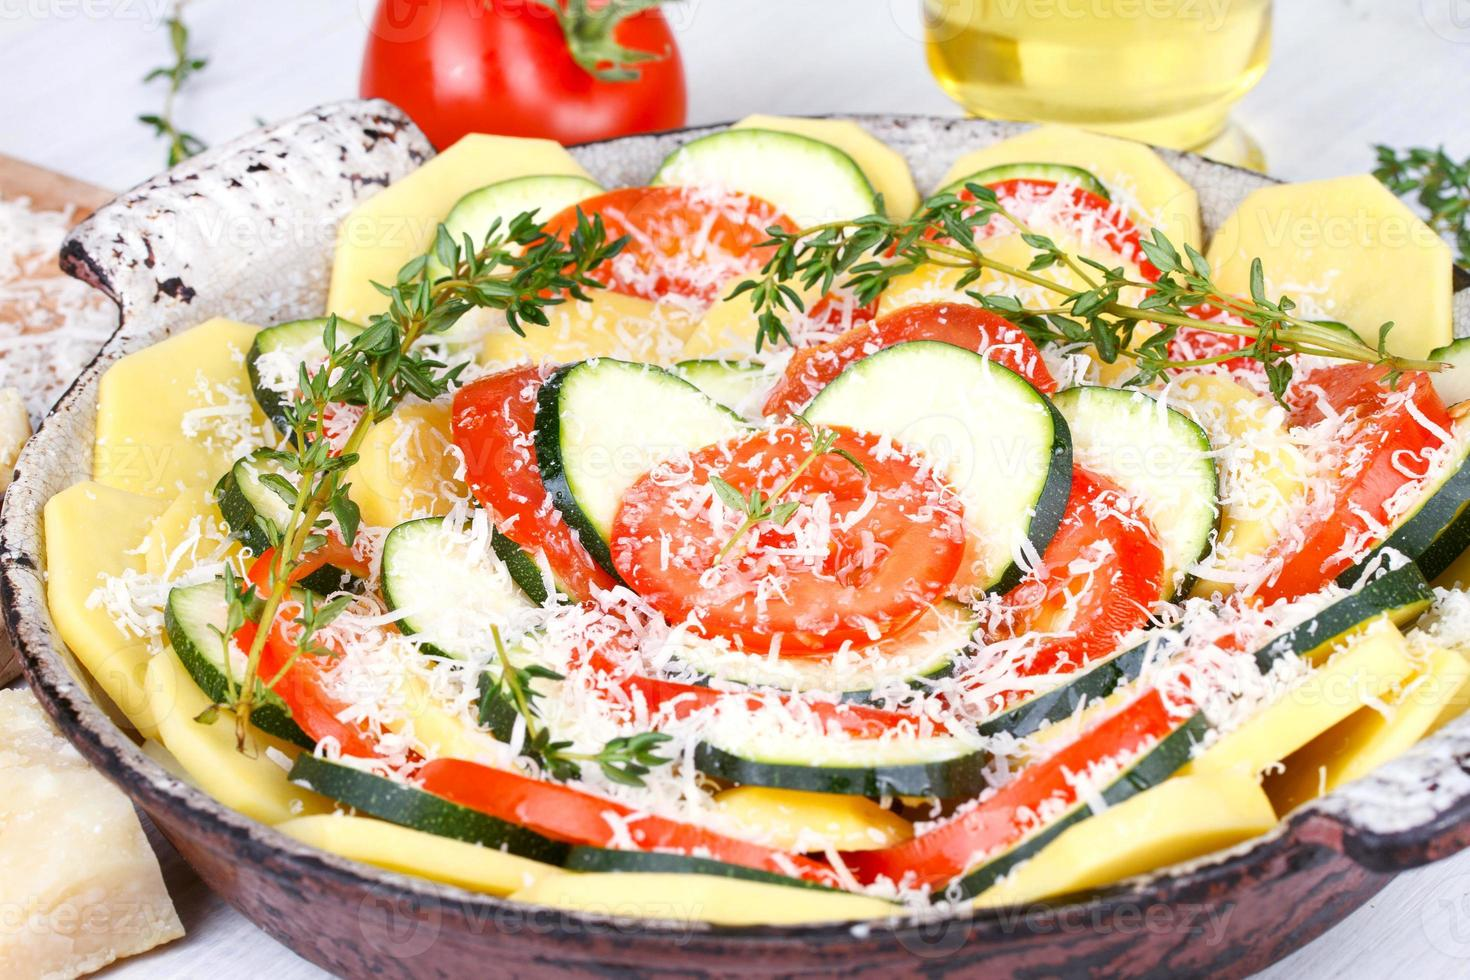 tomate, batata e abobrinha preparados para assar foto